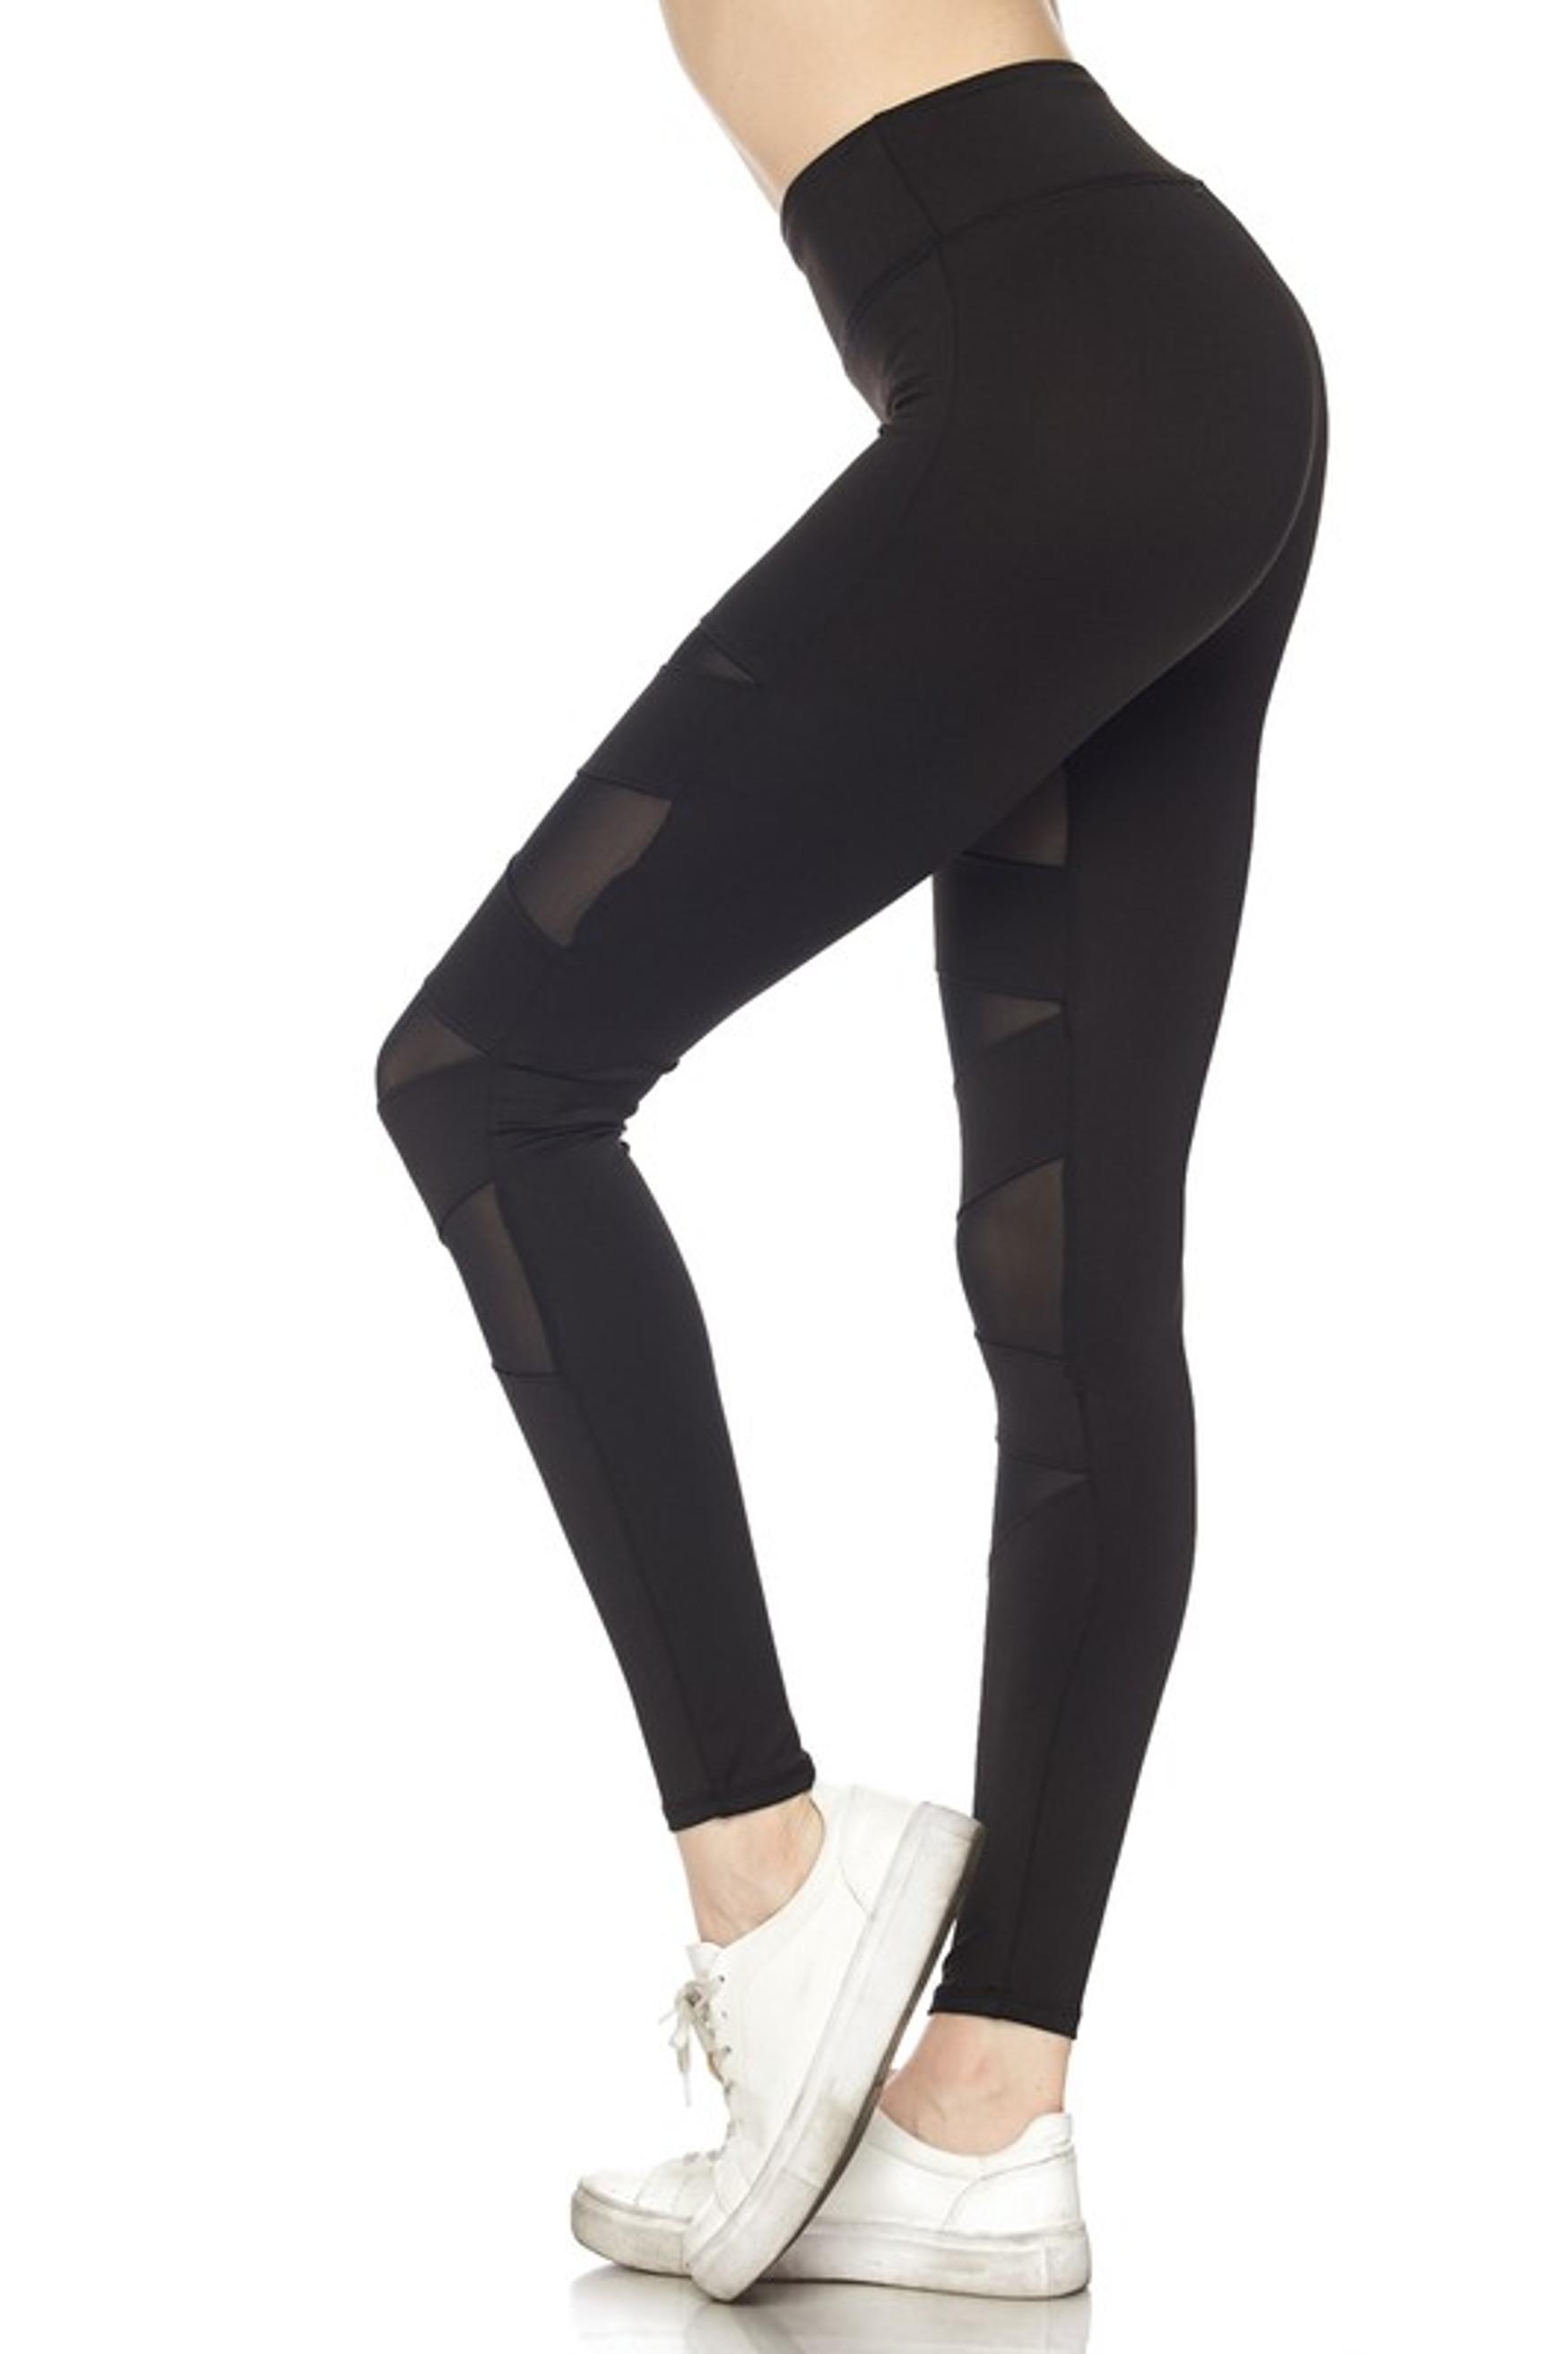 Left side of Black Cruiser CrissCross Plus Size Sport Leggings